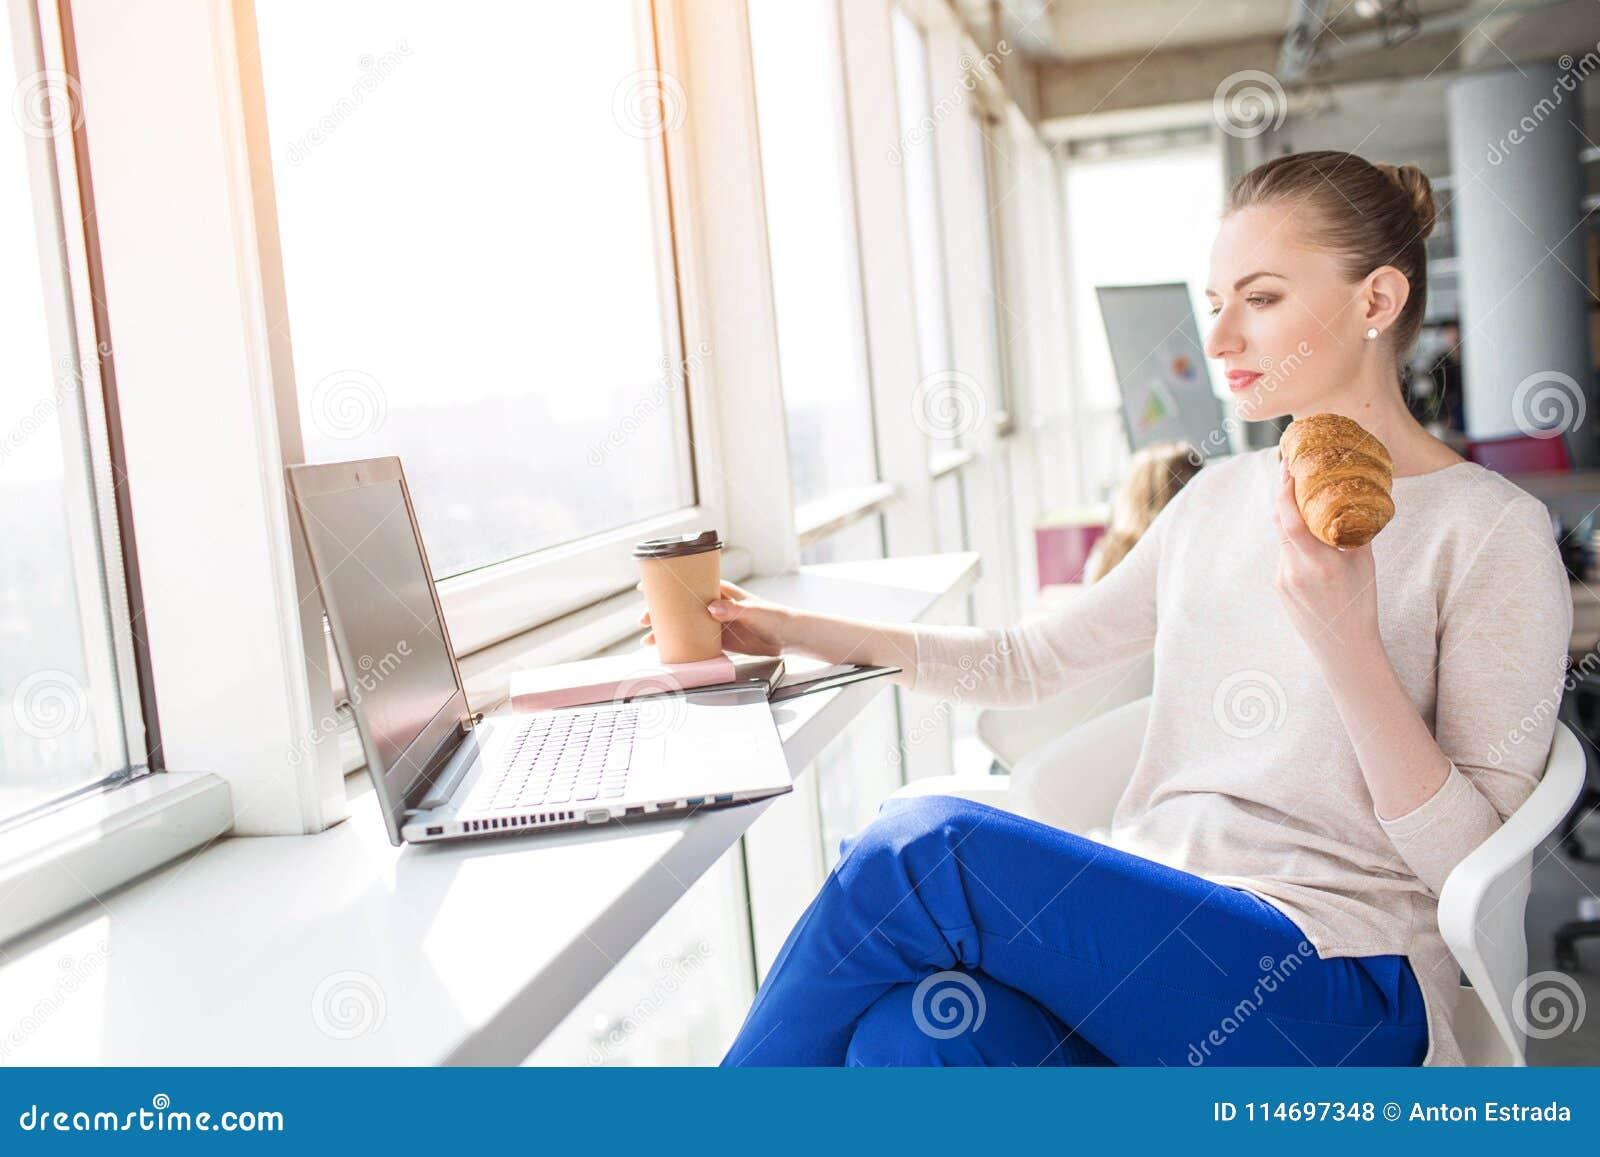 Девушка ест на работе заработать моделью онлайн в большой камень